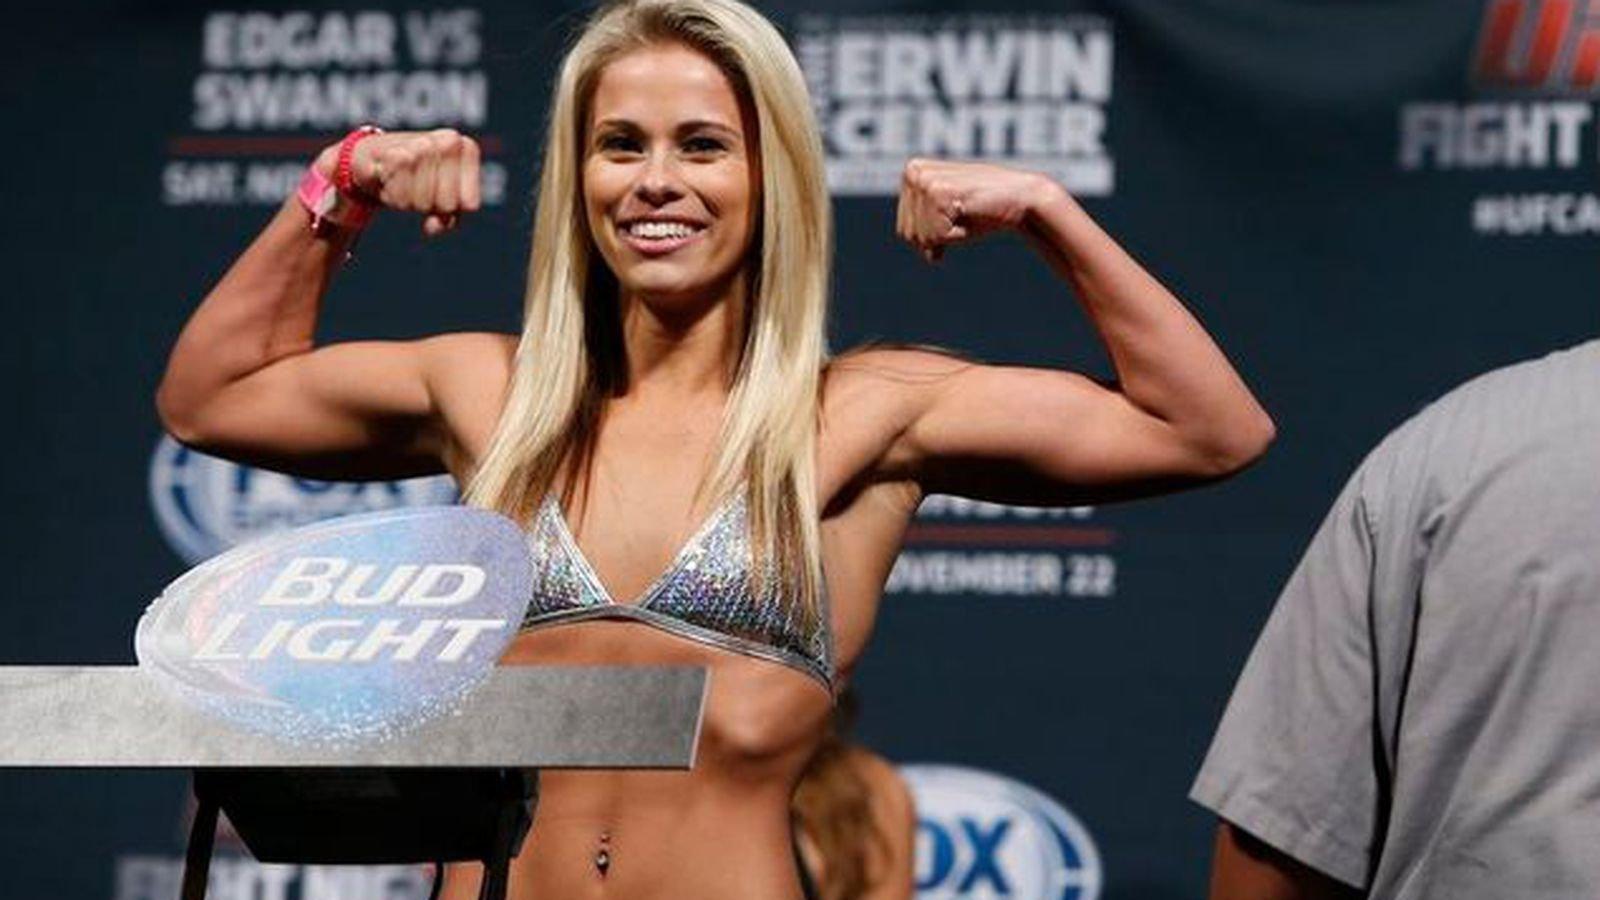 Боец UFC поведала, как ее изнасиловали в14-летнем возрасте